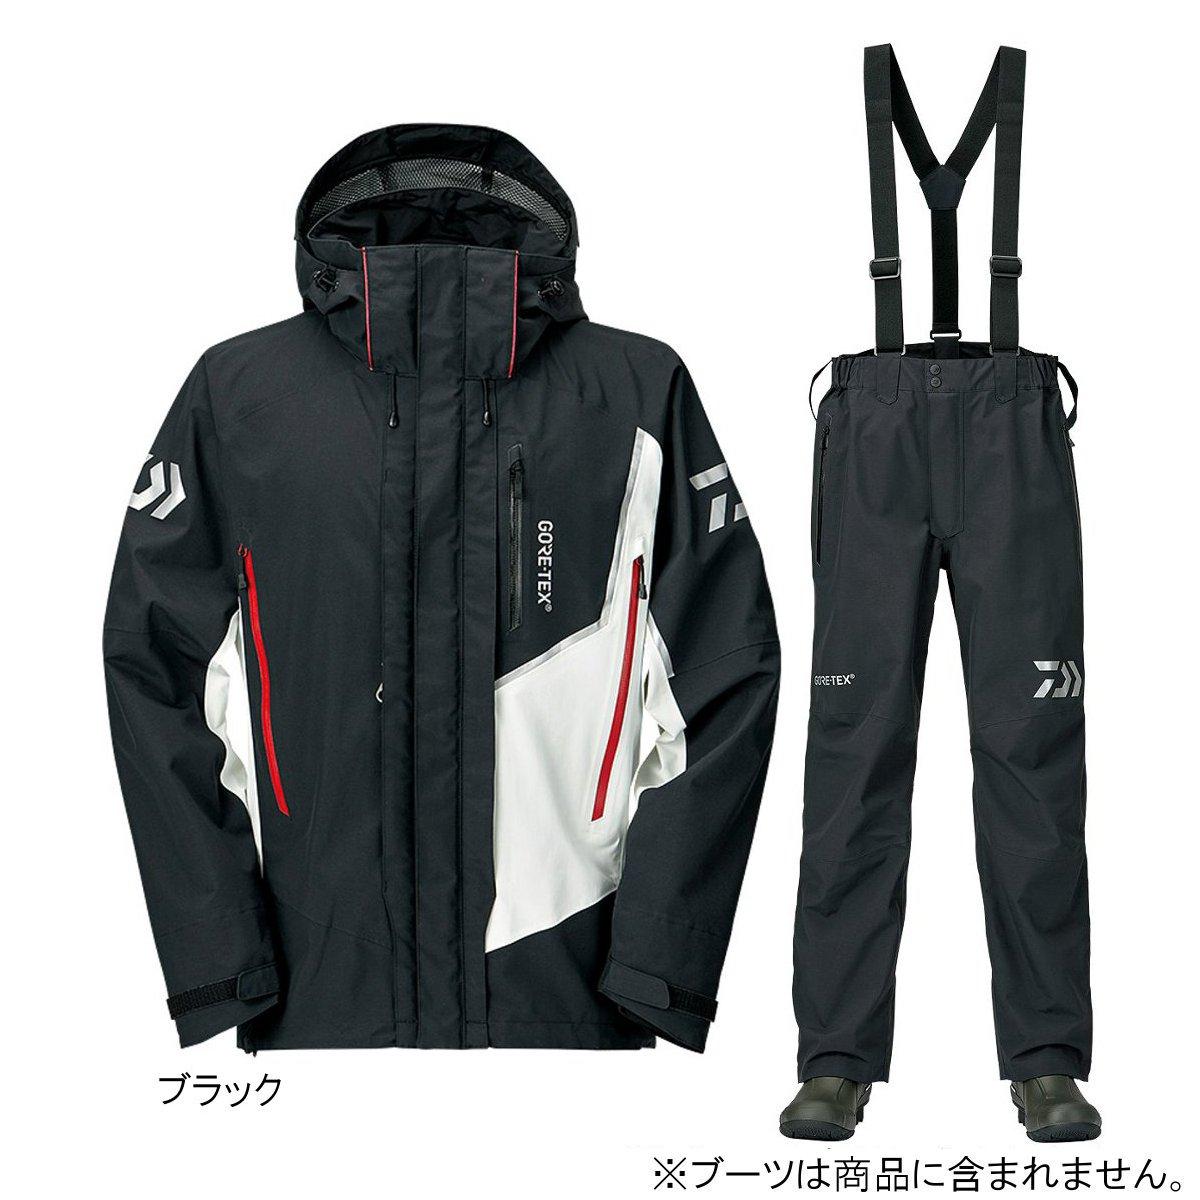 ダイワ ゴアテックス プロダクト コンビアップレインスーツ DR-18009 2XL ブラック【送料無料】